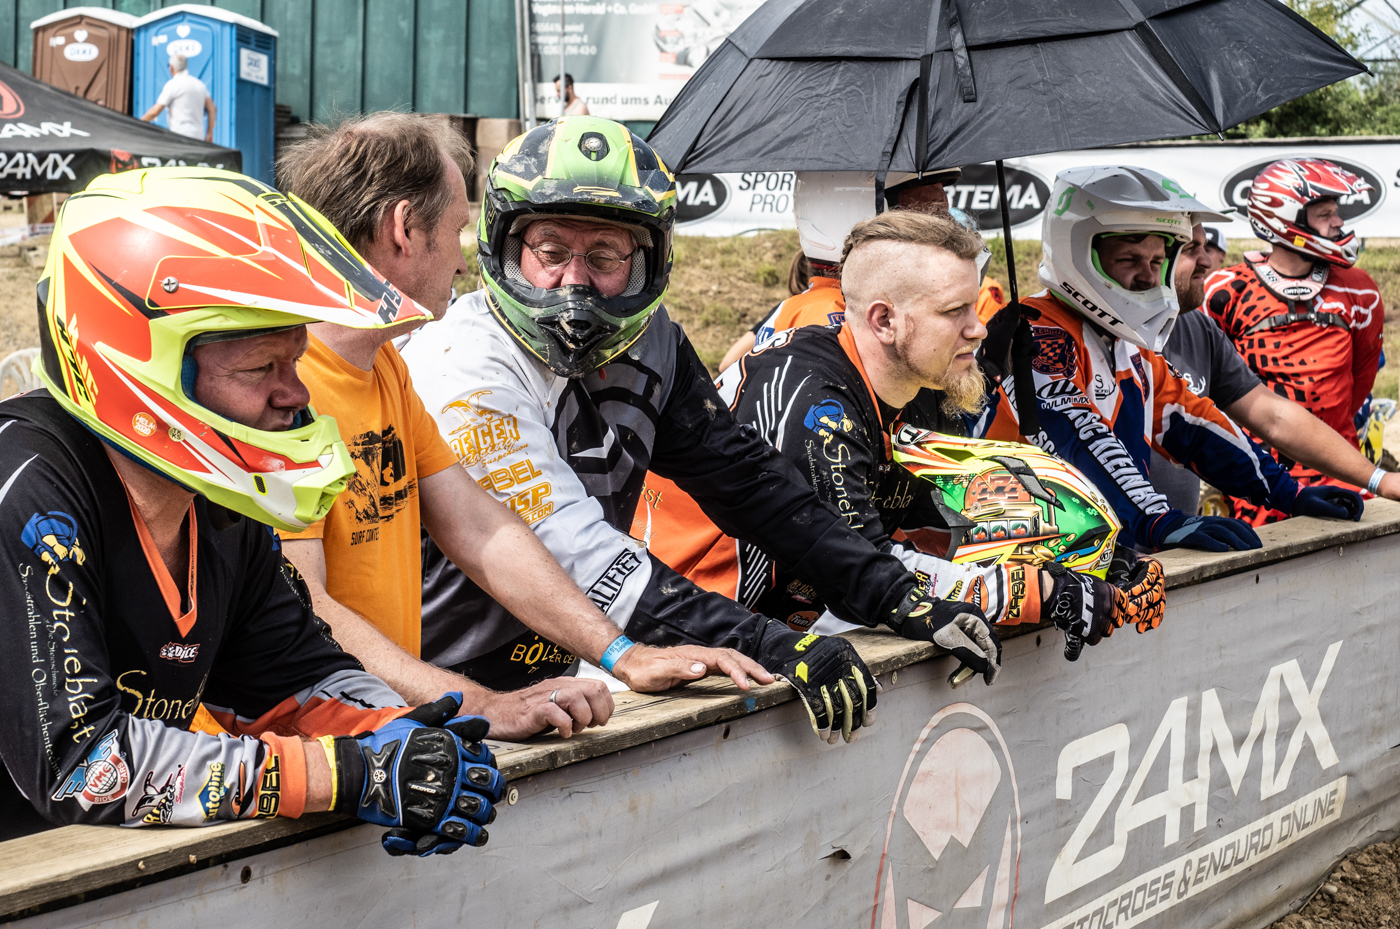 210815-2-Motocross-Ohlenberg-EM5iii-087-500-828